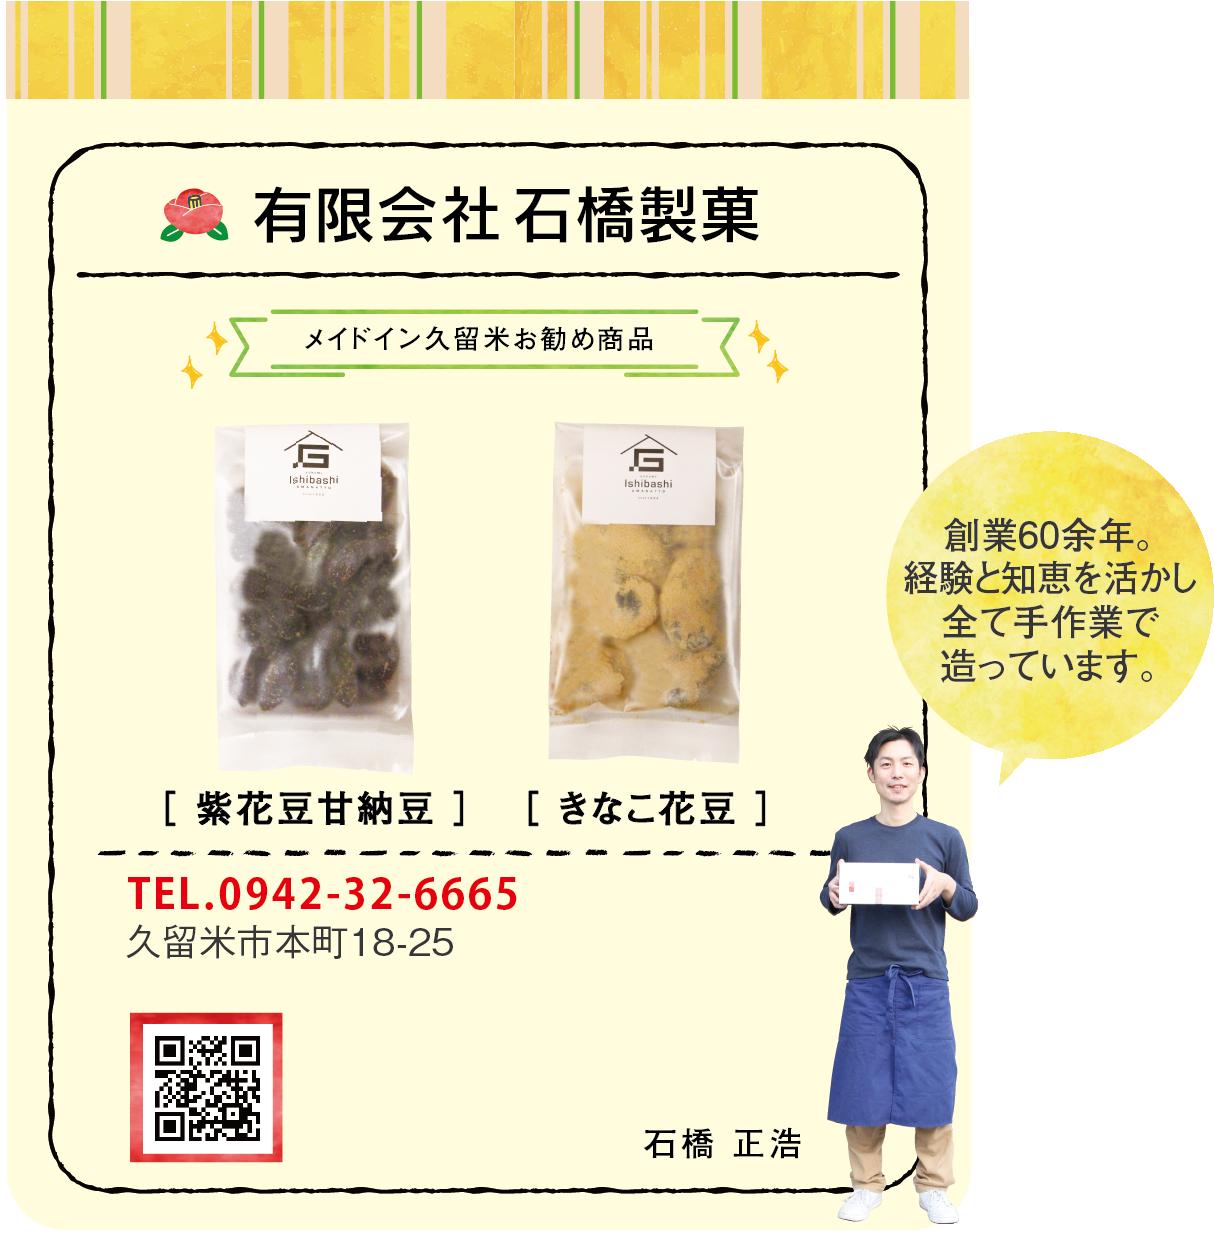 有限会社 石橋製菓